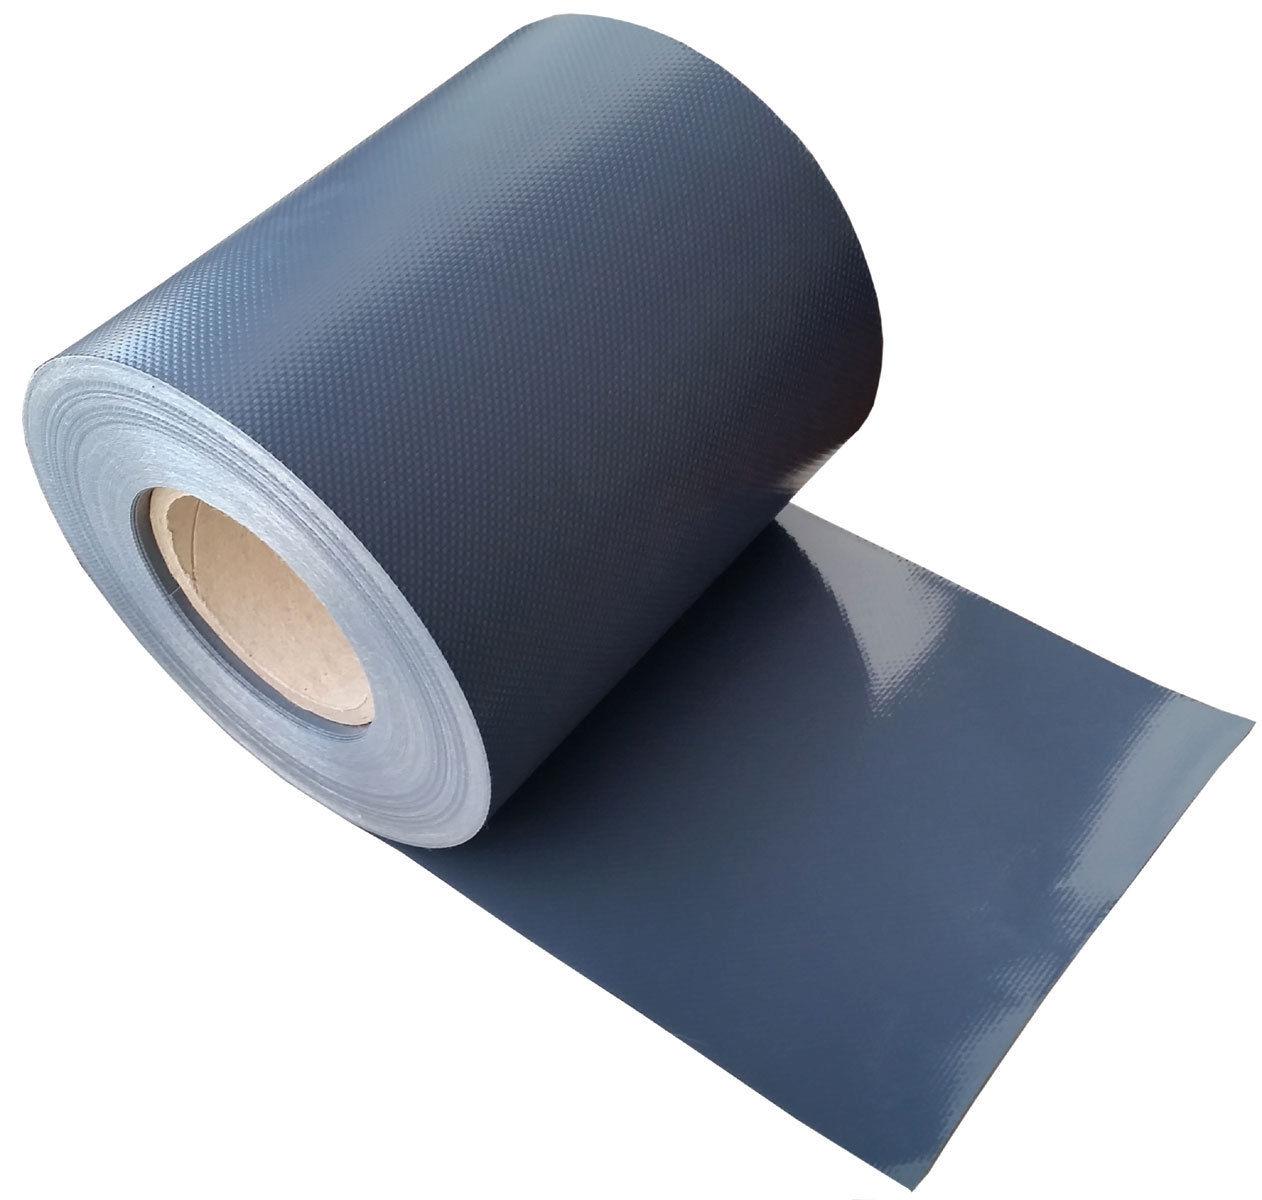 sichtschutzfolie farbe anthrazit 35 m rolle breite 19 cm ebay. Black Bedroom Furniture Sets. Home Design Ideas